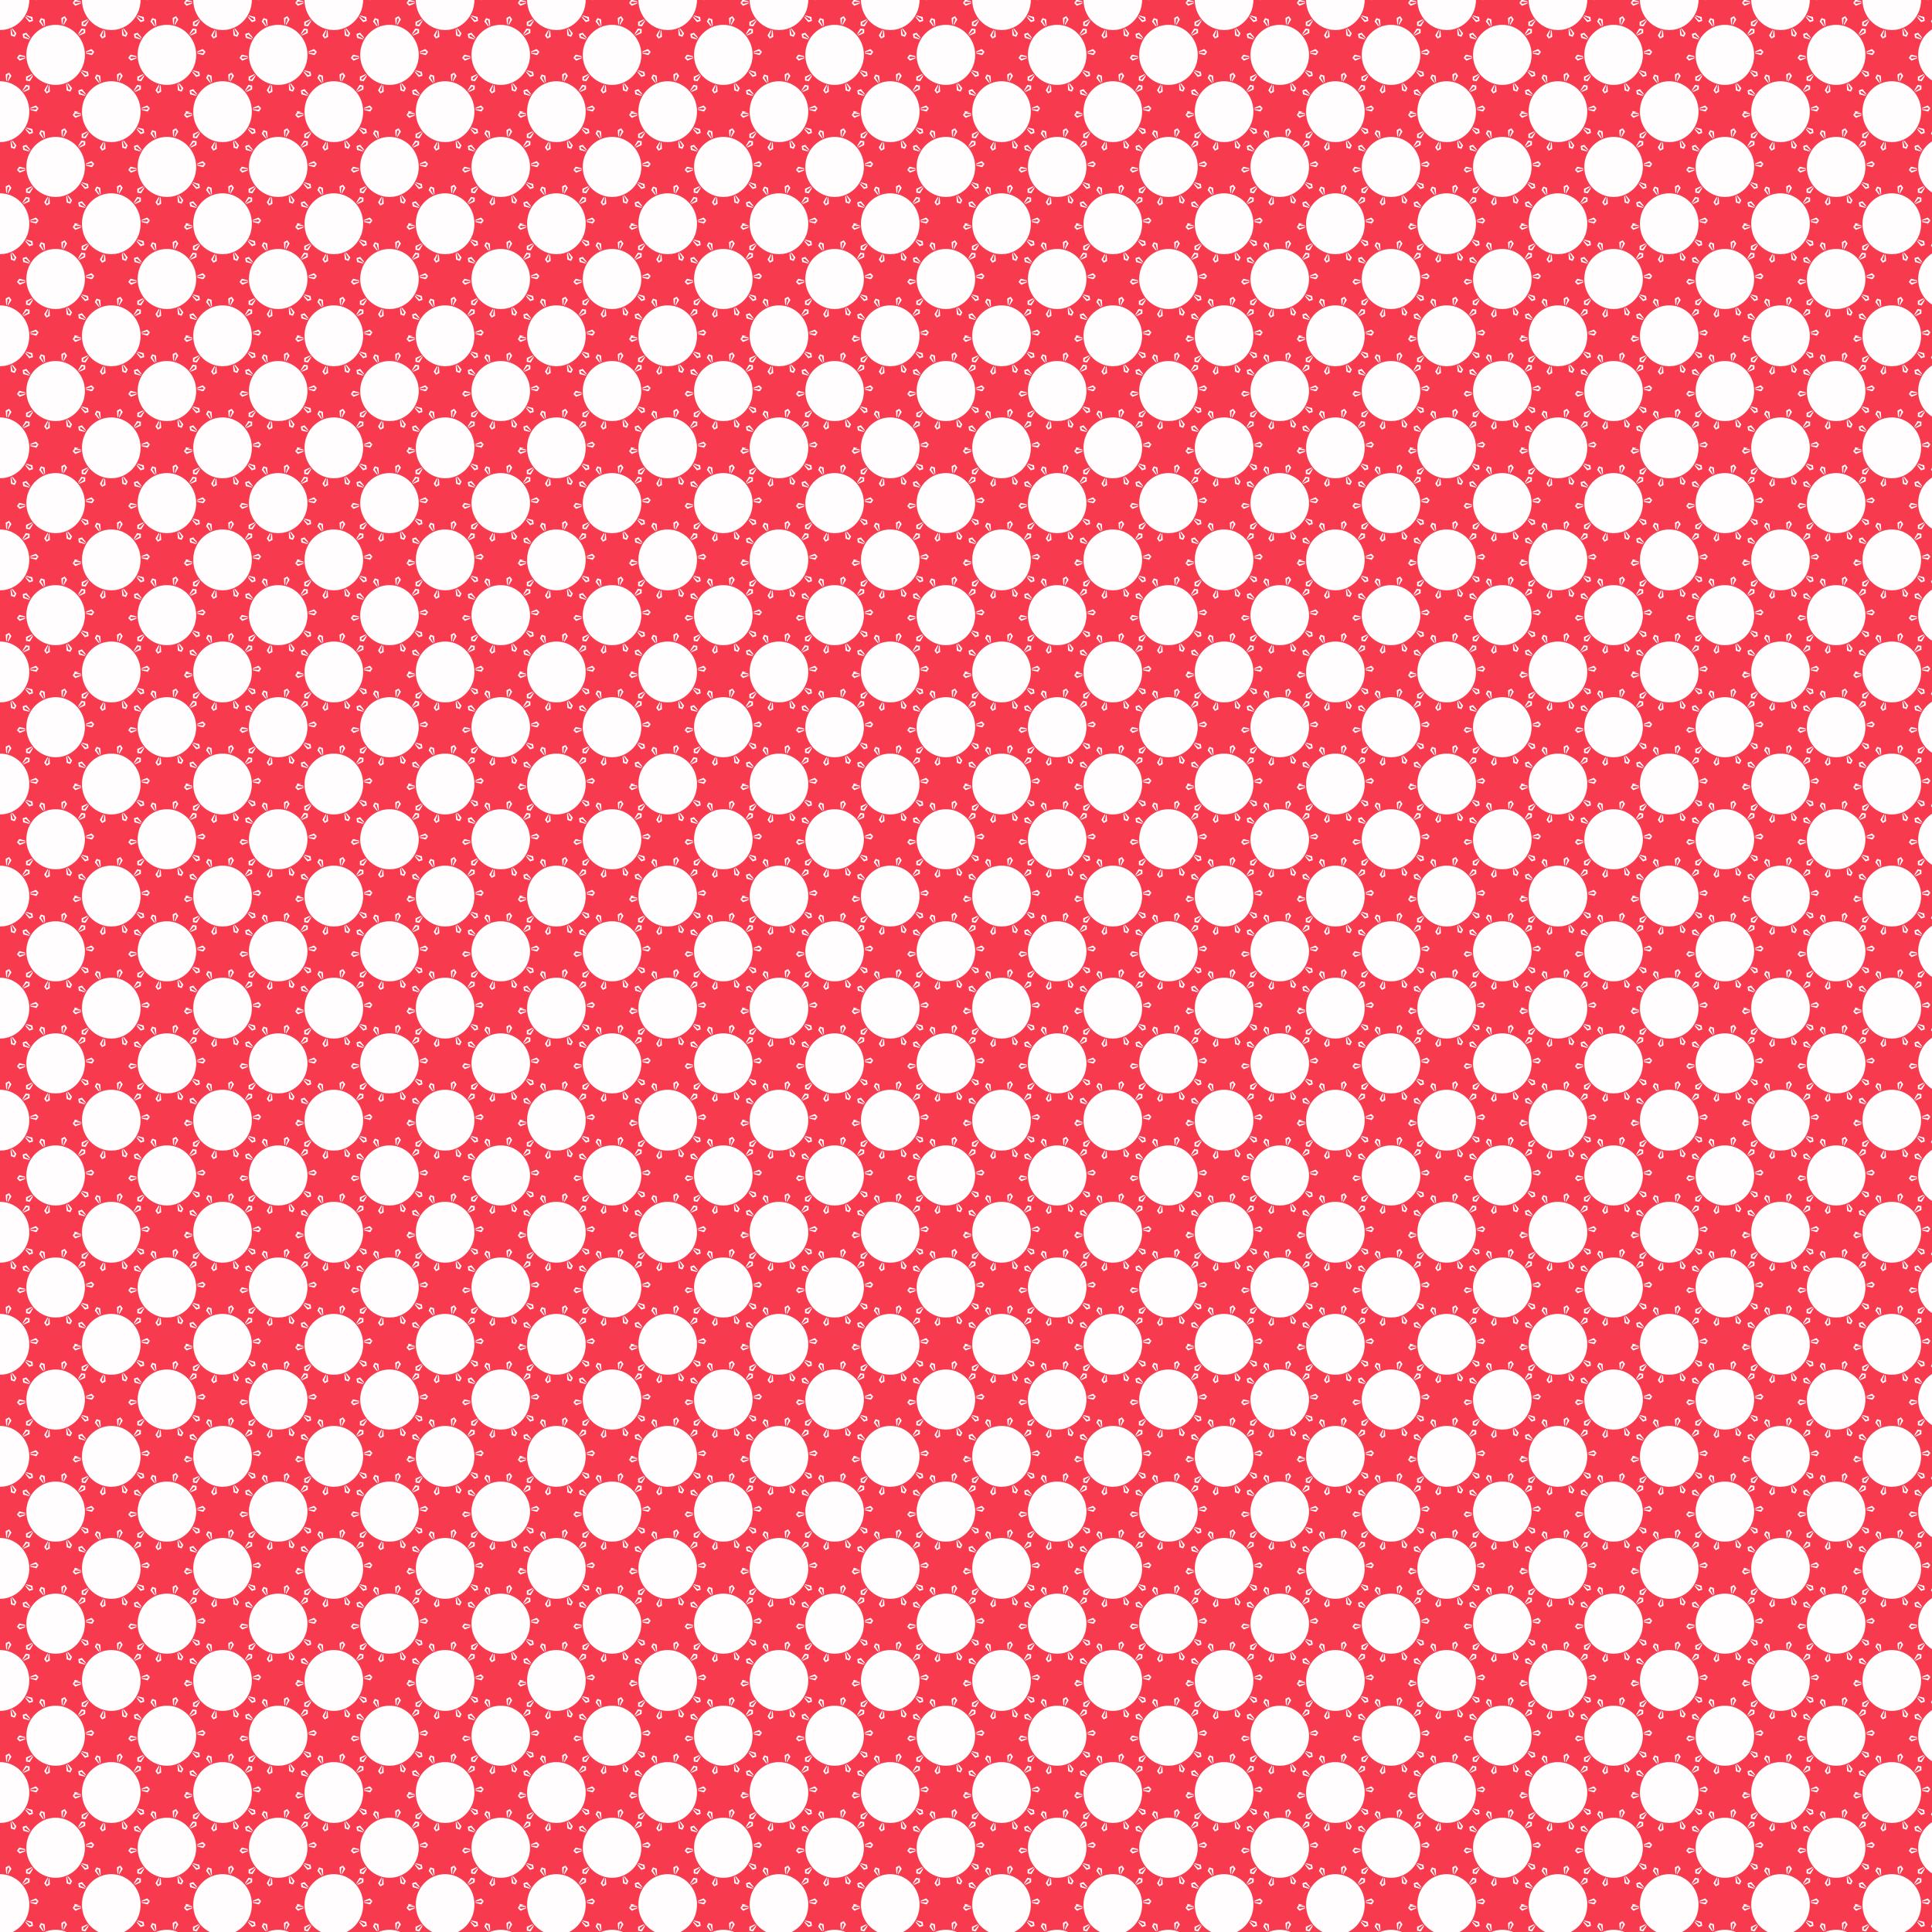 Fond Rouge C3a0 Pois Blanc Pincee De Fantaisie